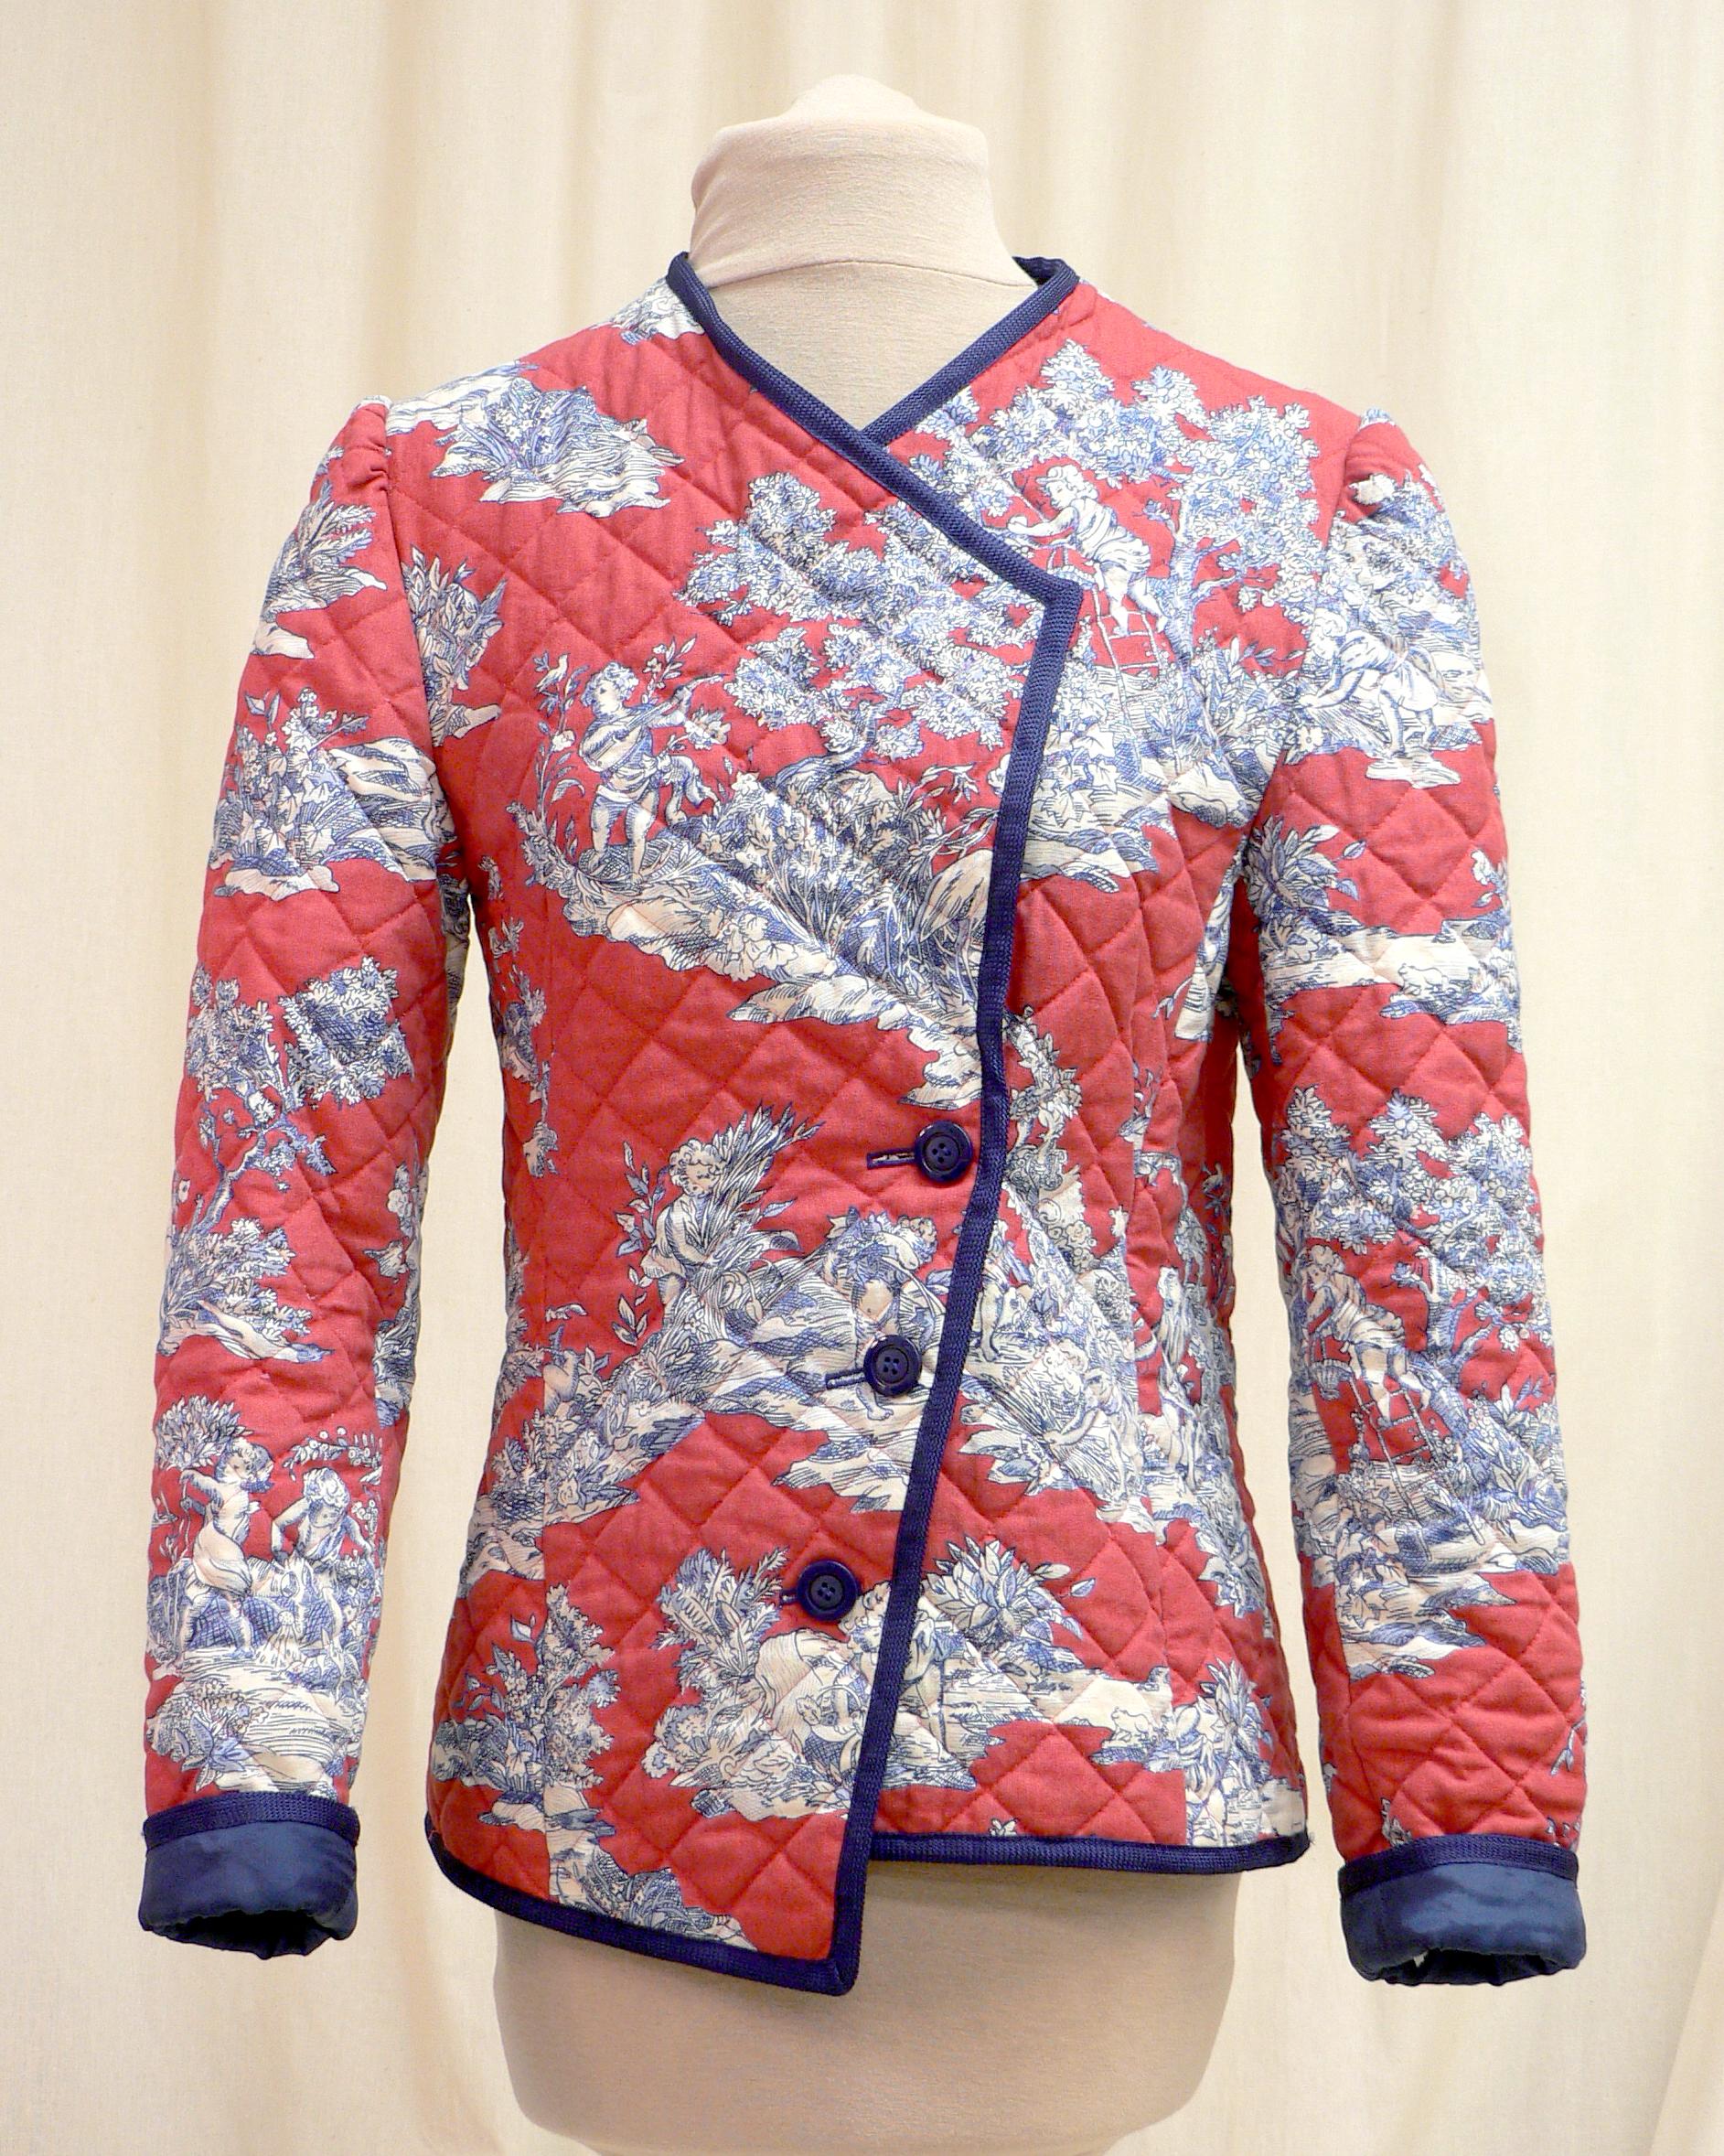 jacket04_front_var3.JPG